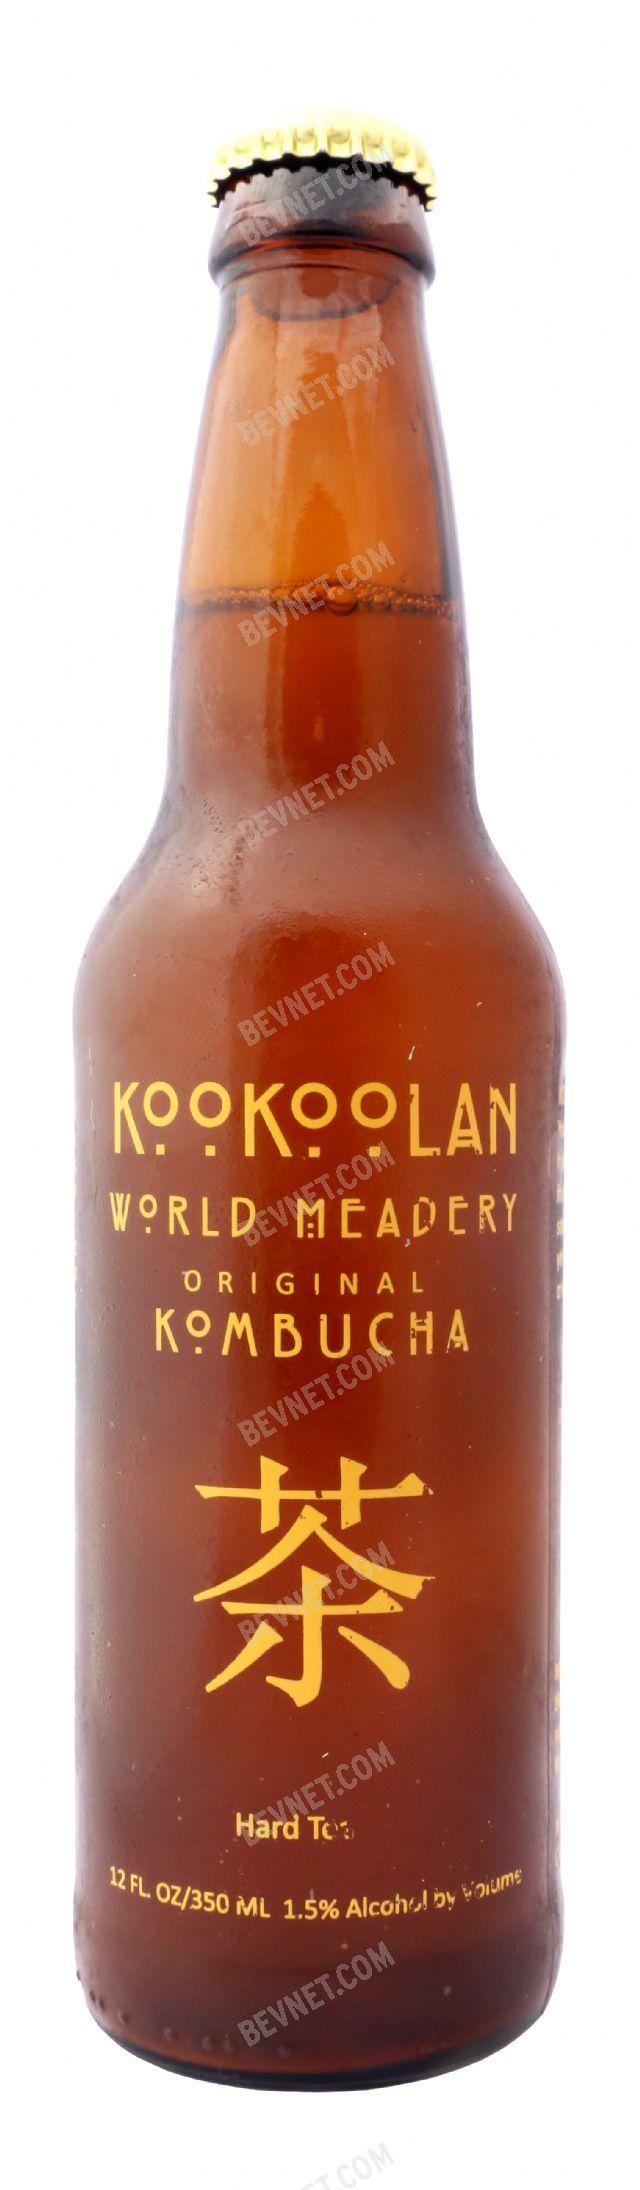 Kookoolan: